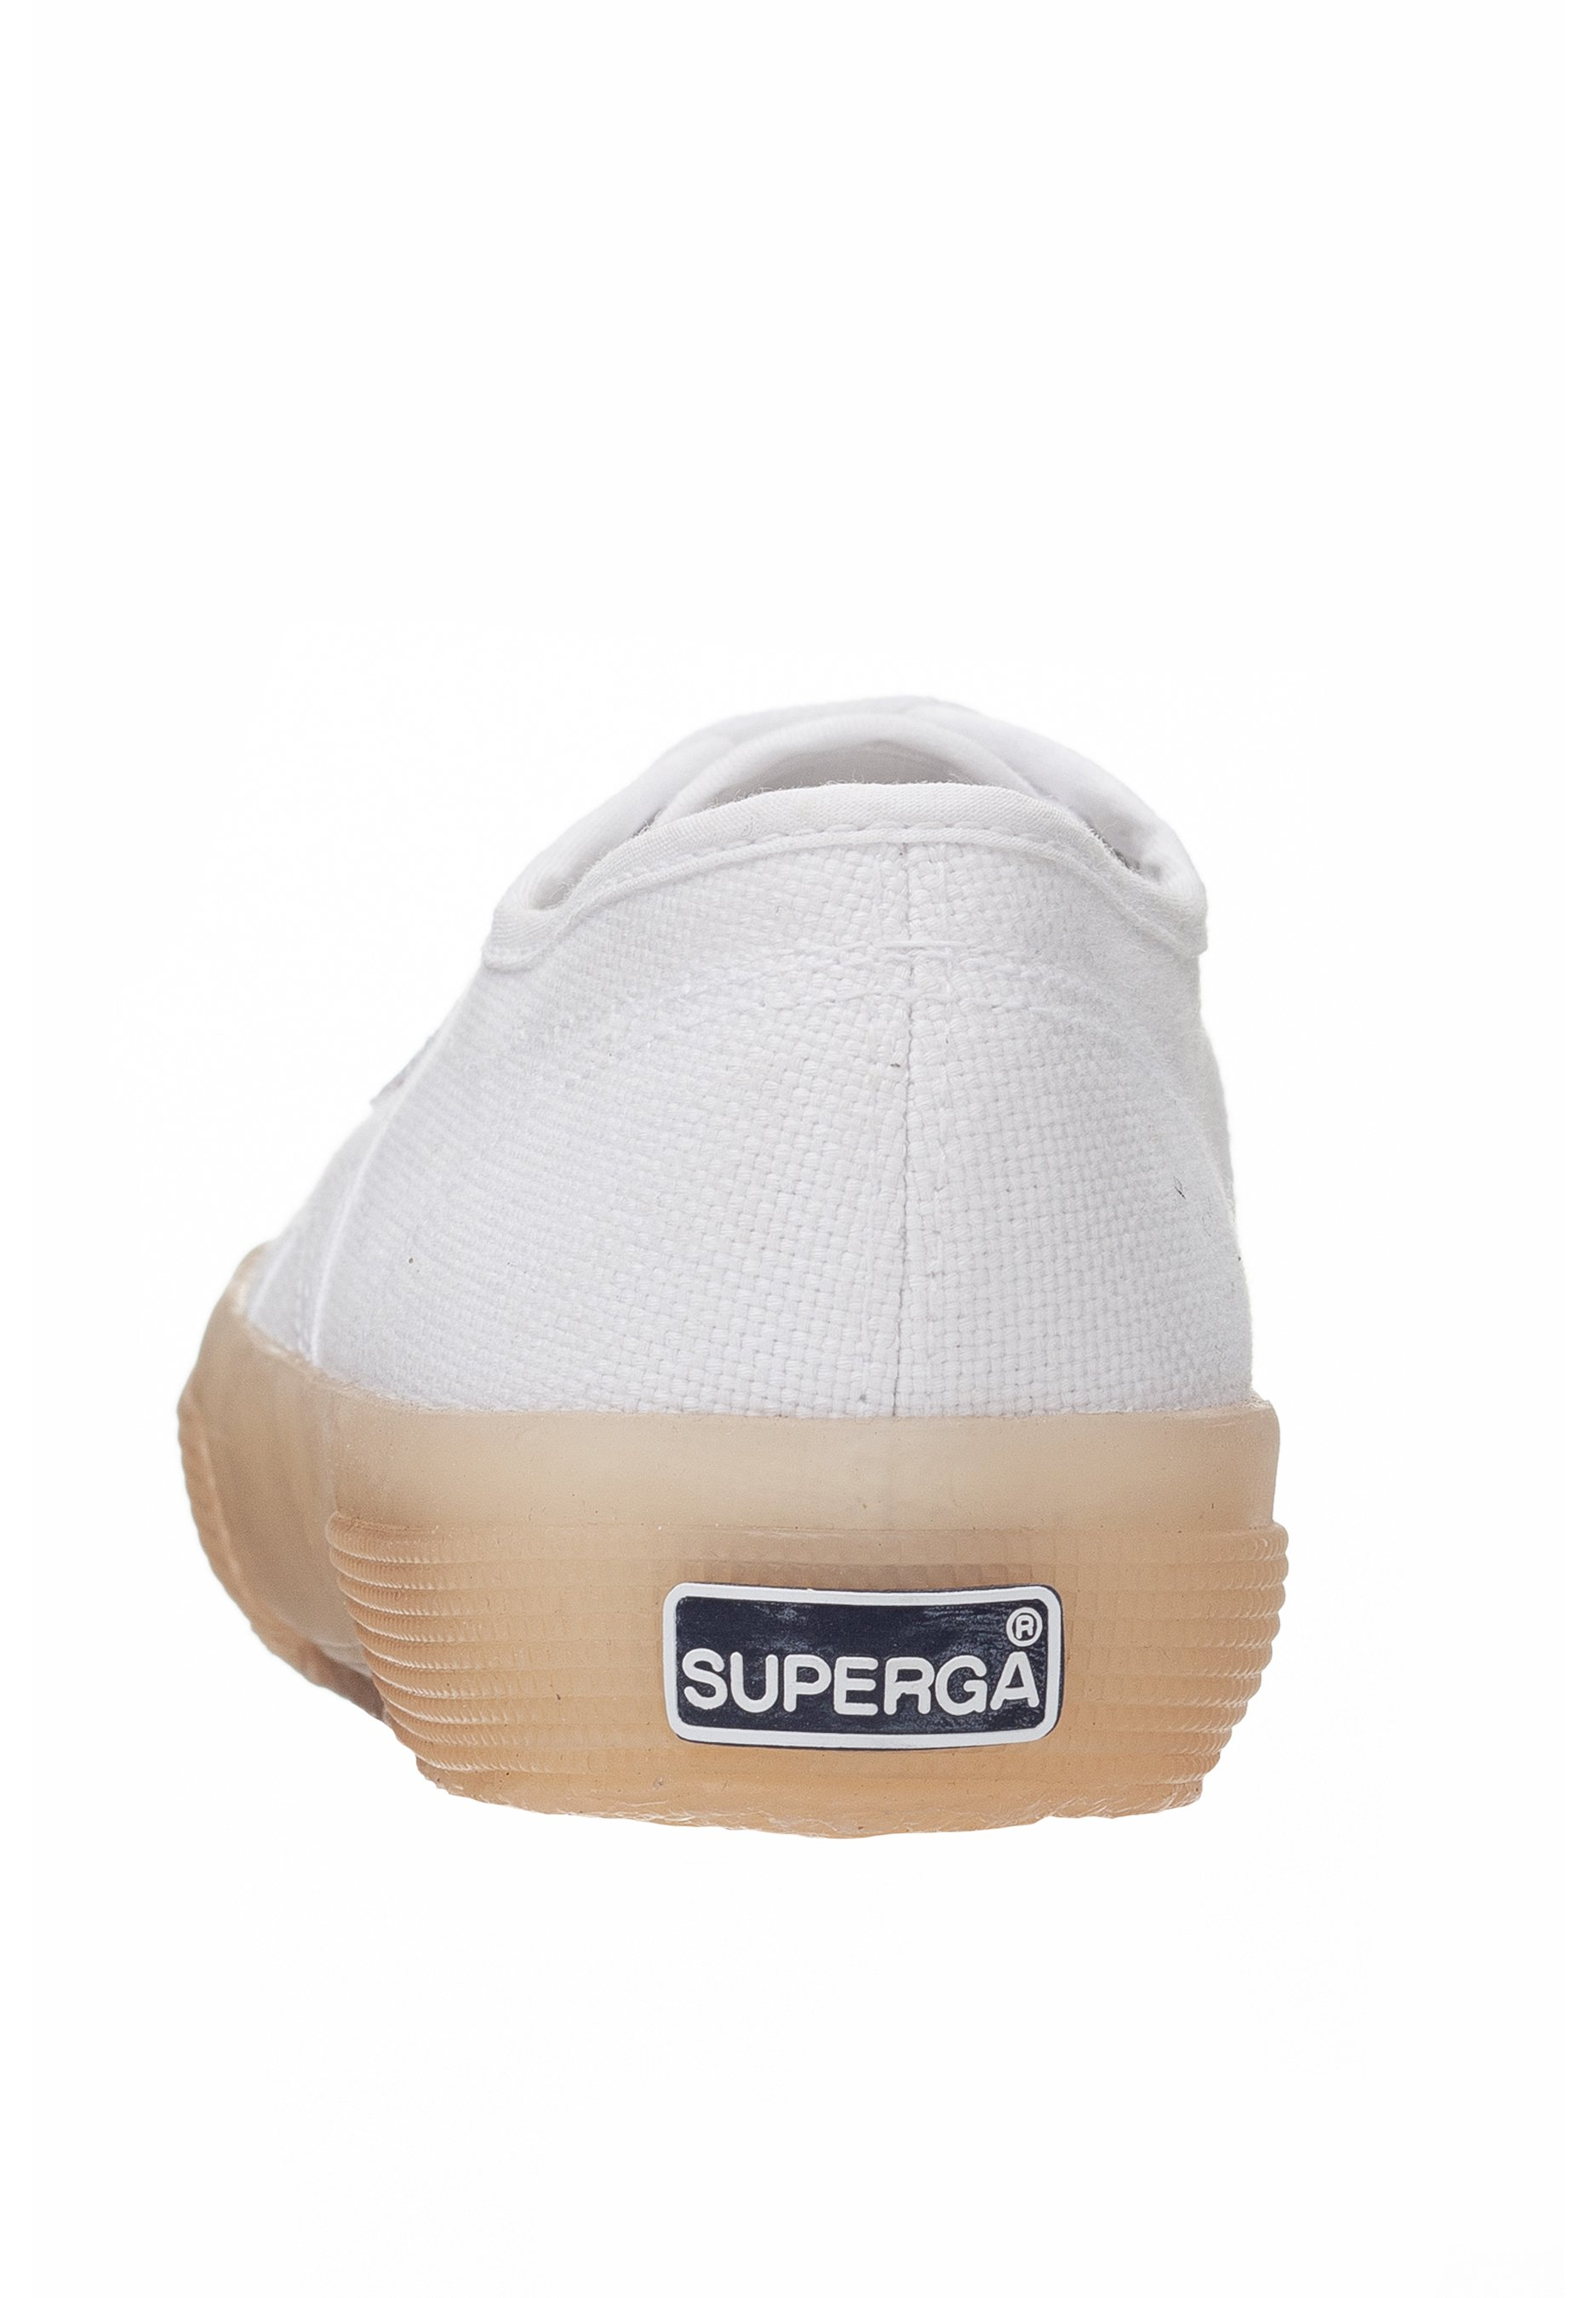 Superga Trainers - white coral purple